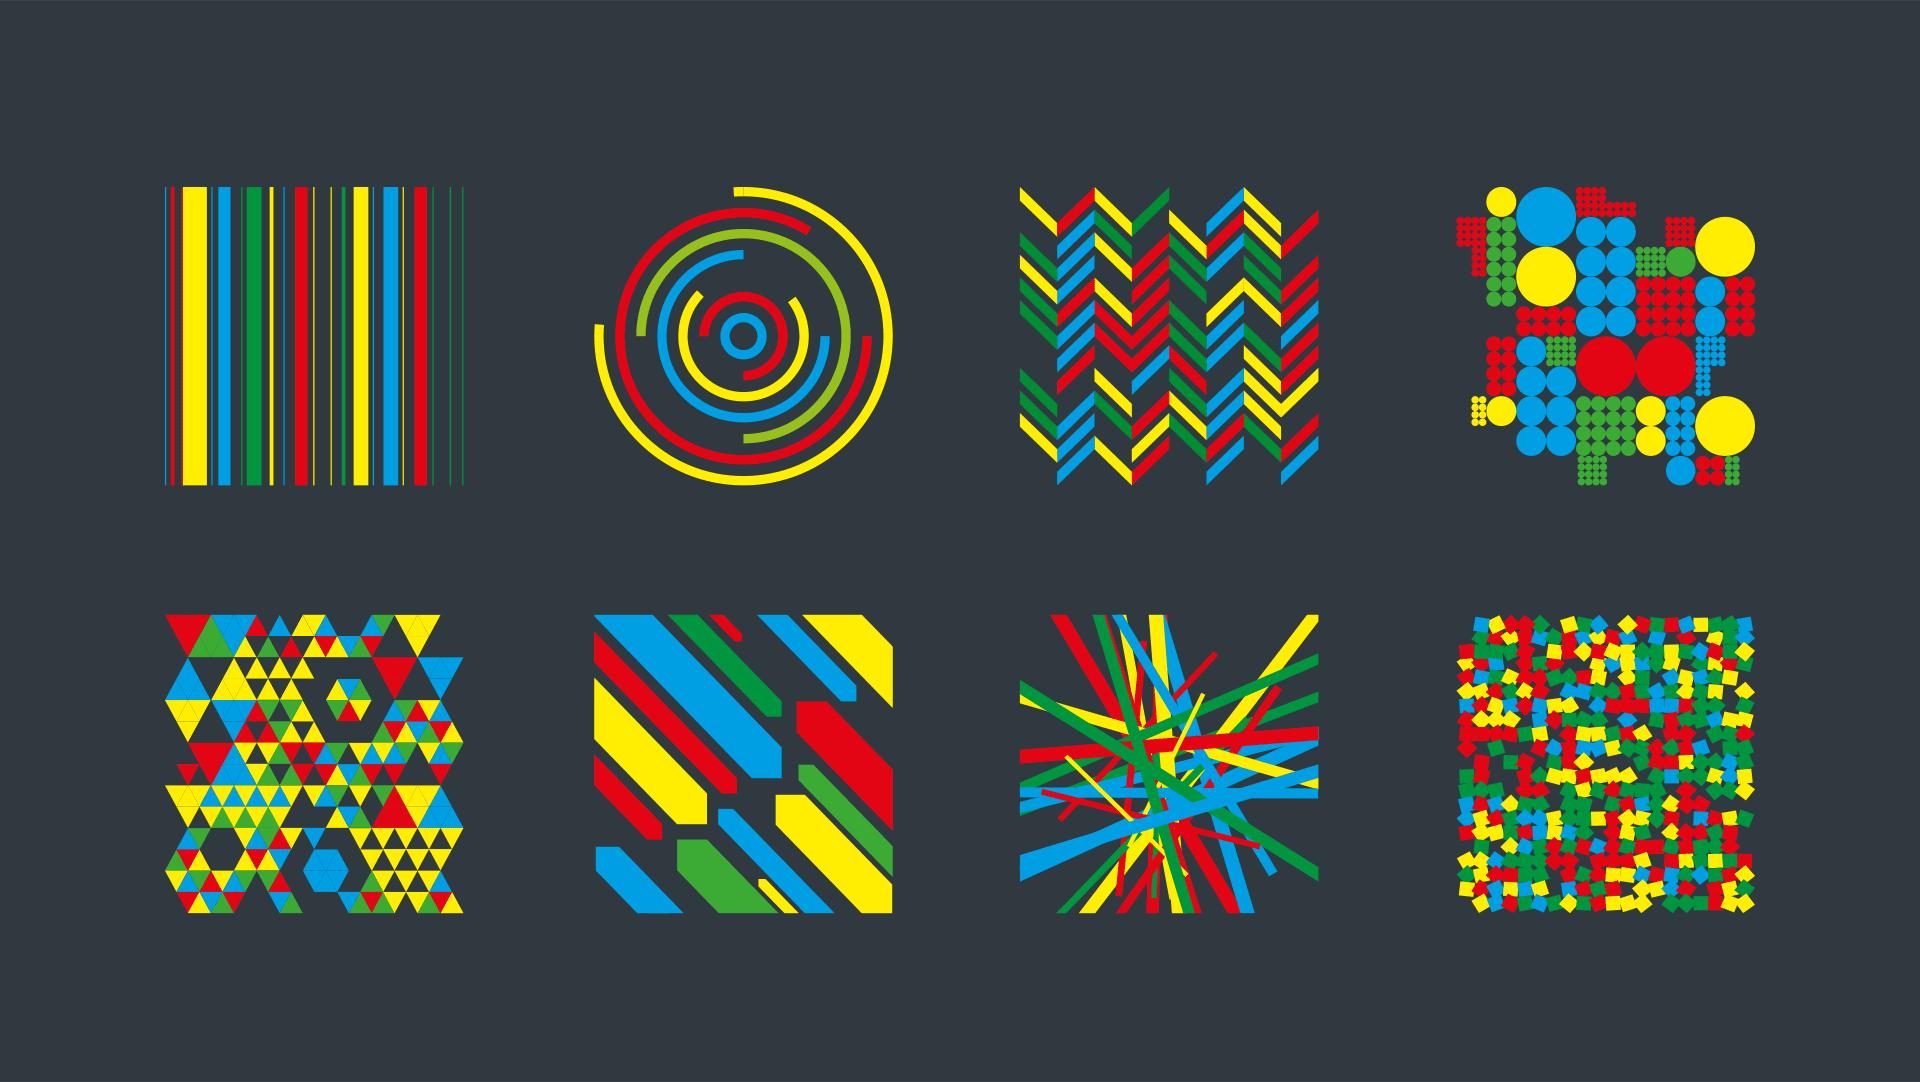 ritmi-graphic-design-zerouno3